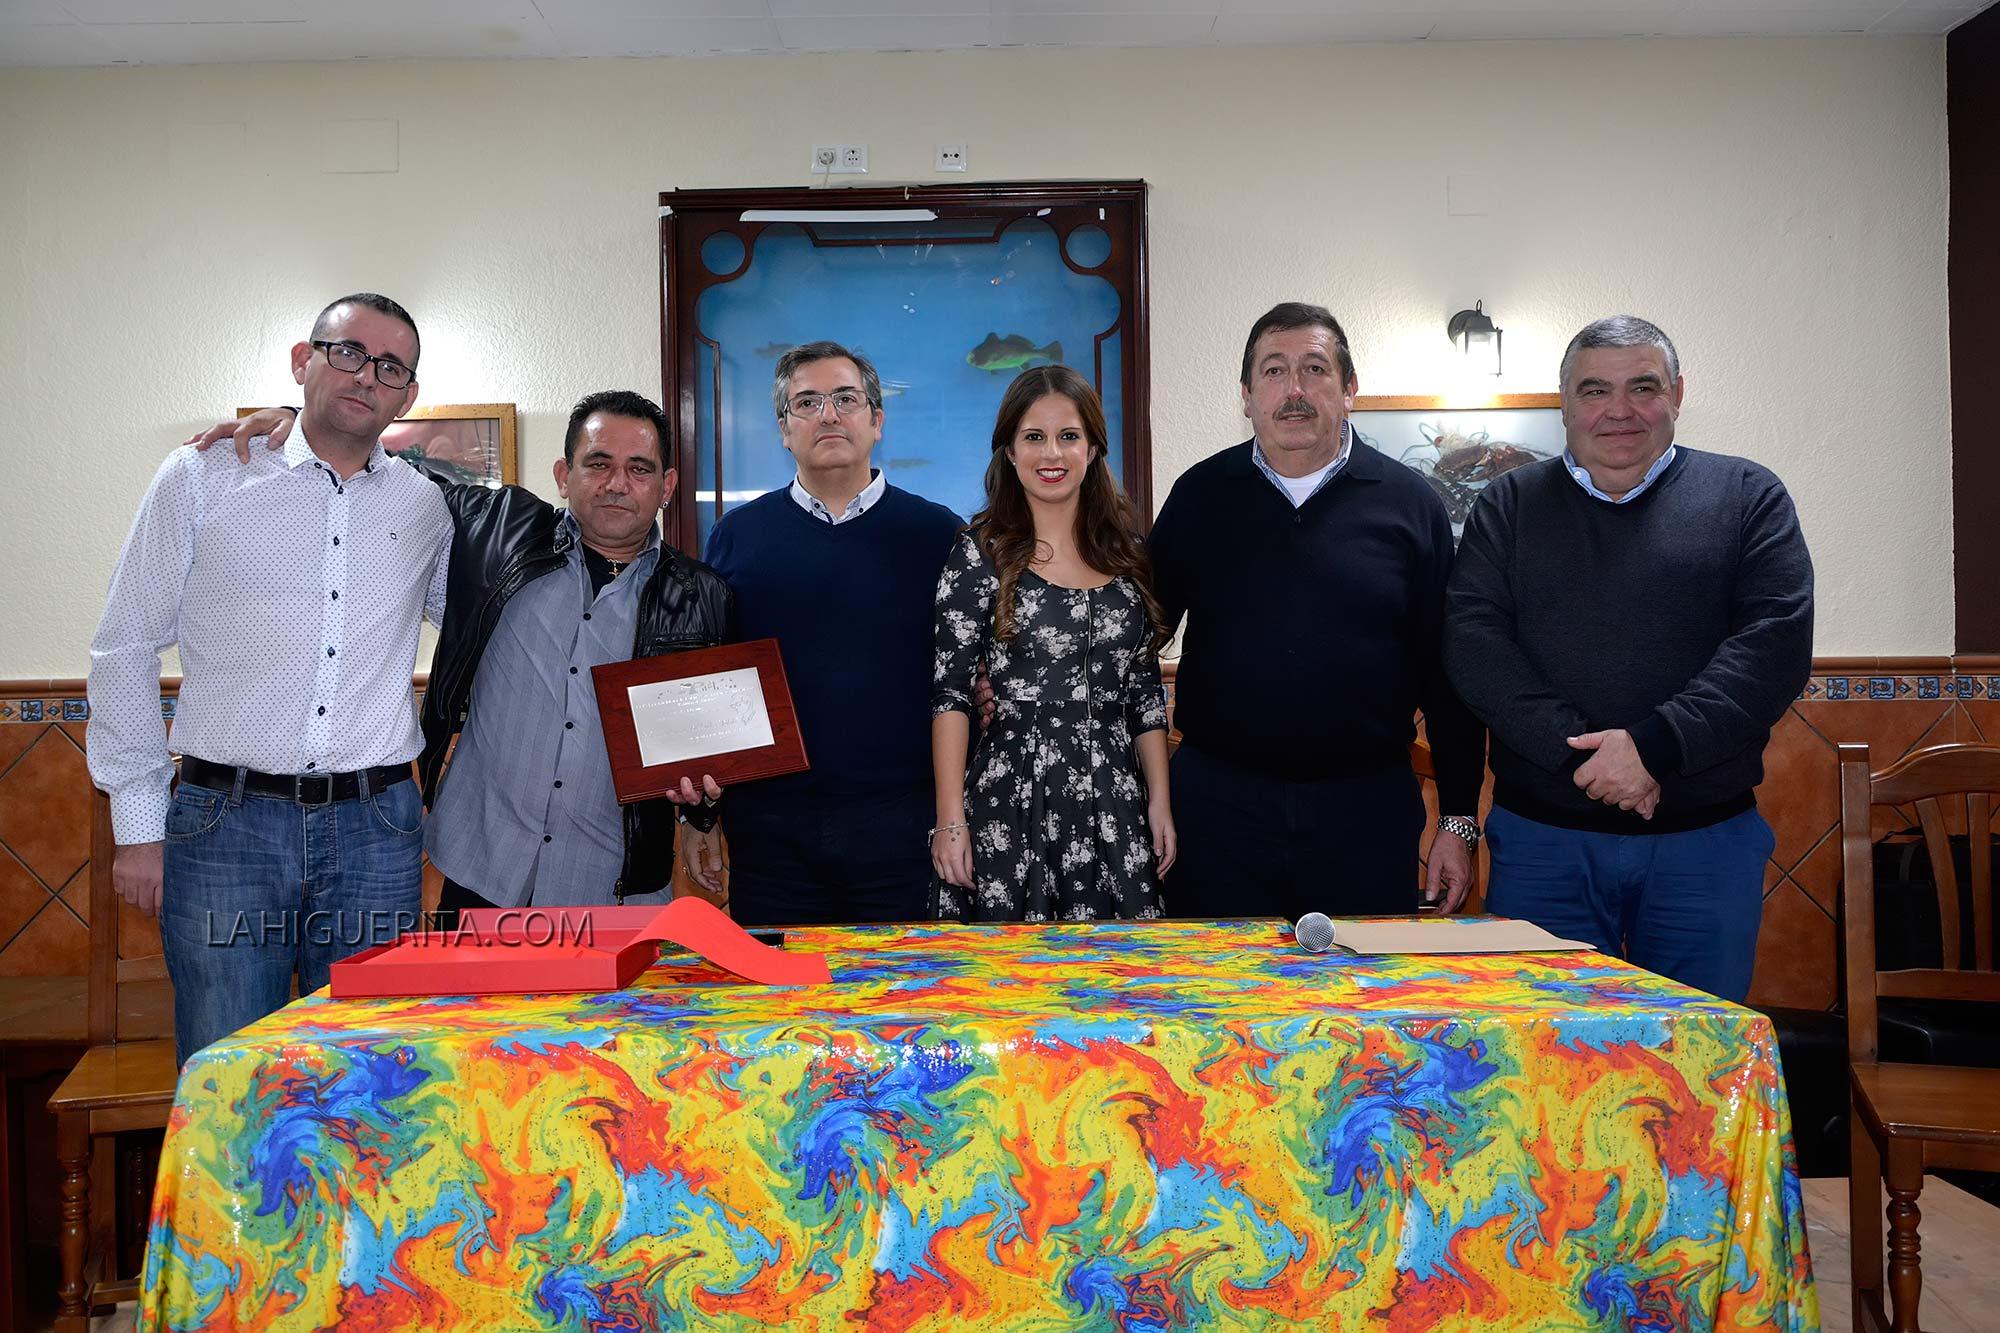 El isleño Francisco Carmelo Ríos 'Pakuki', recibe el Premio 'Manuel Fragoso El Patitas', otorgado por la FIPAC